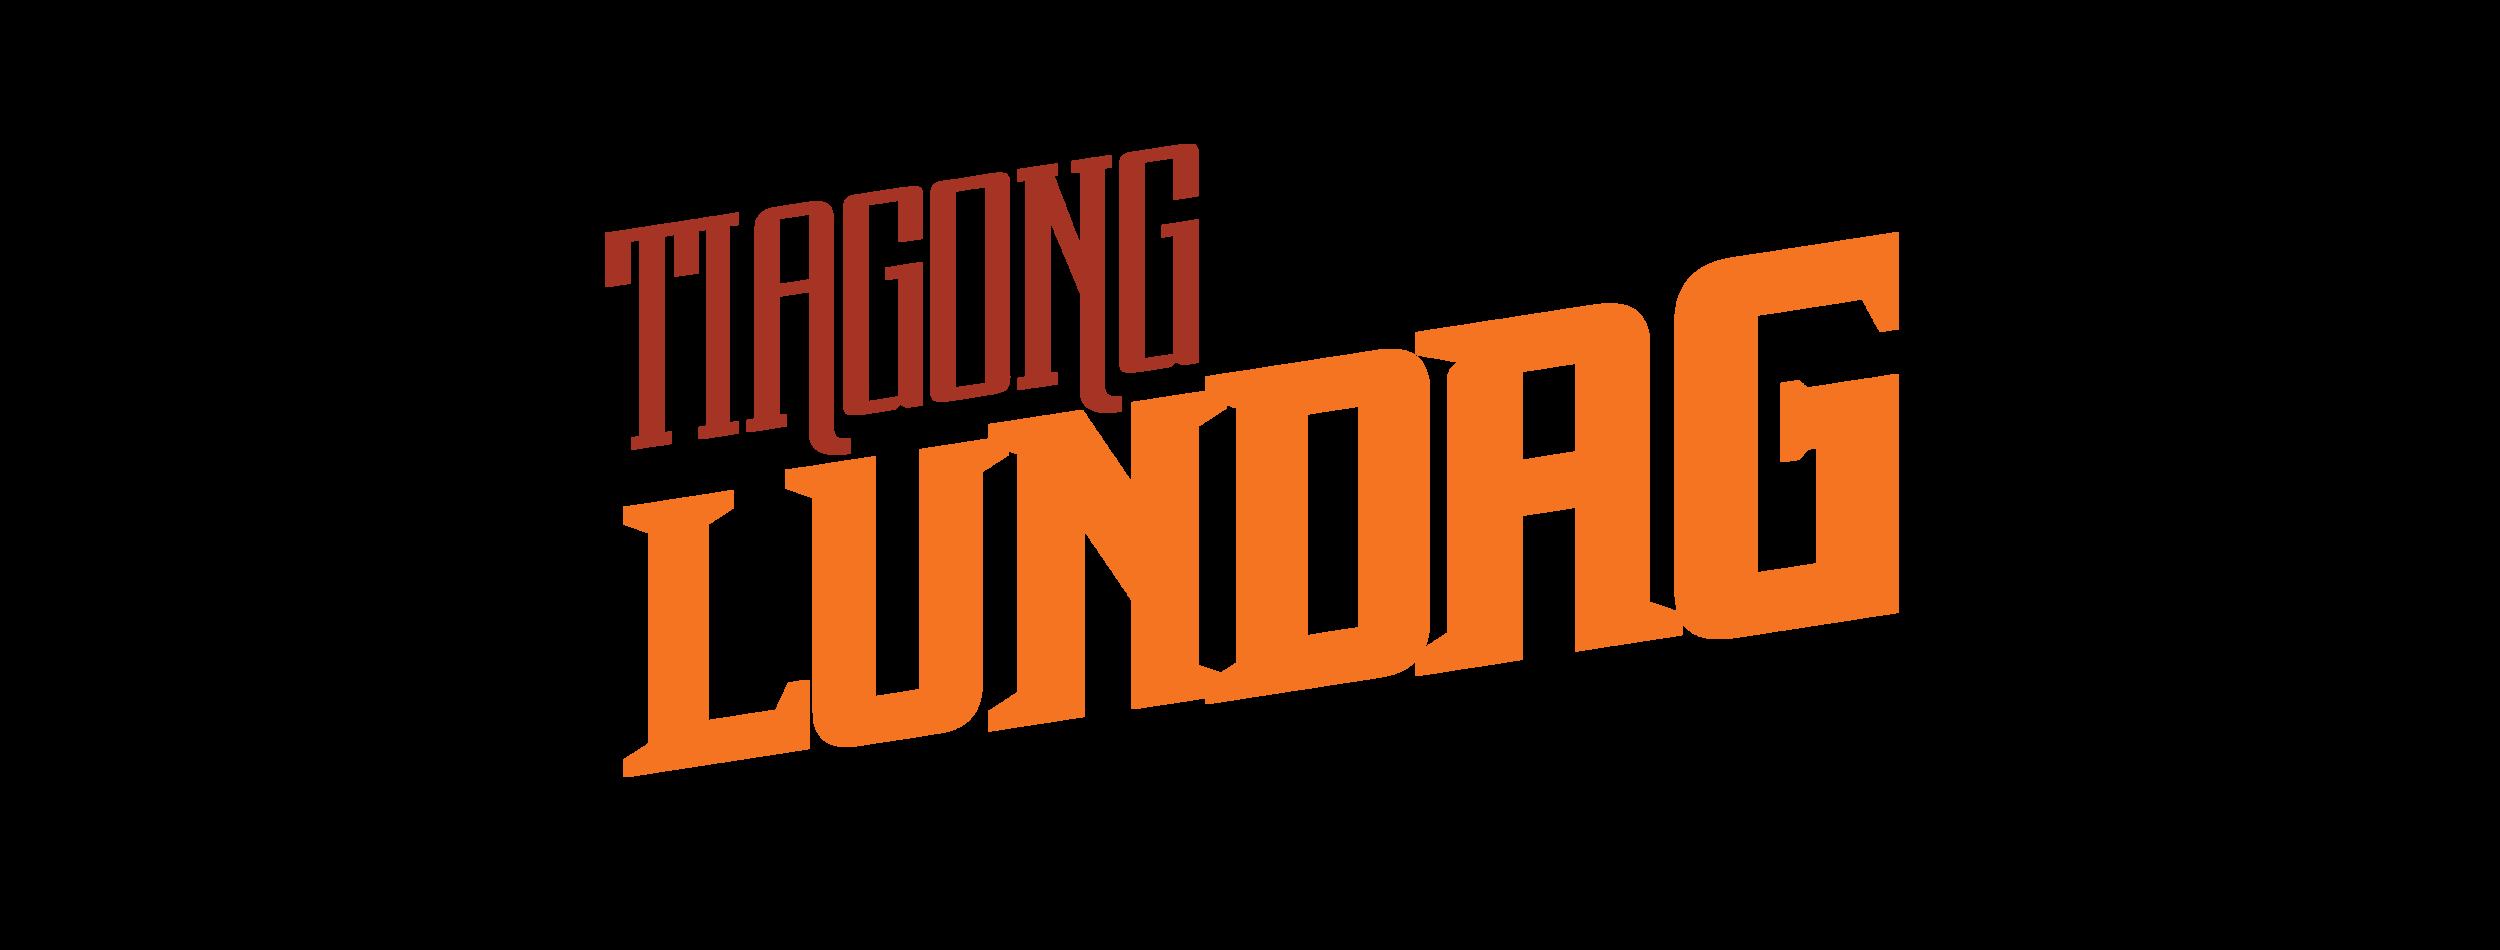 tiagong-lundag.png